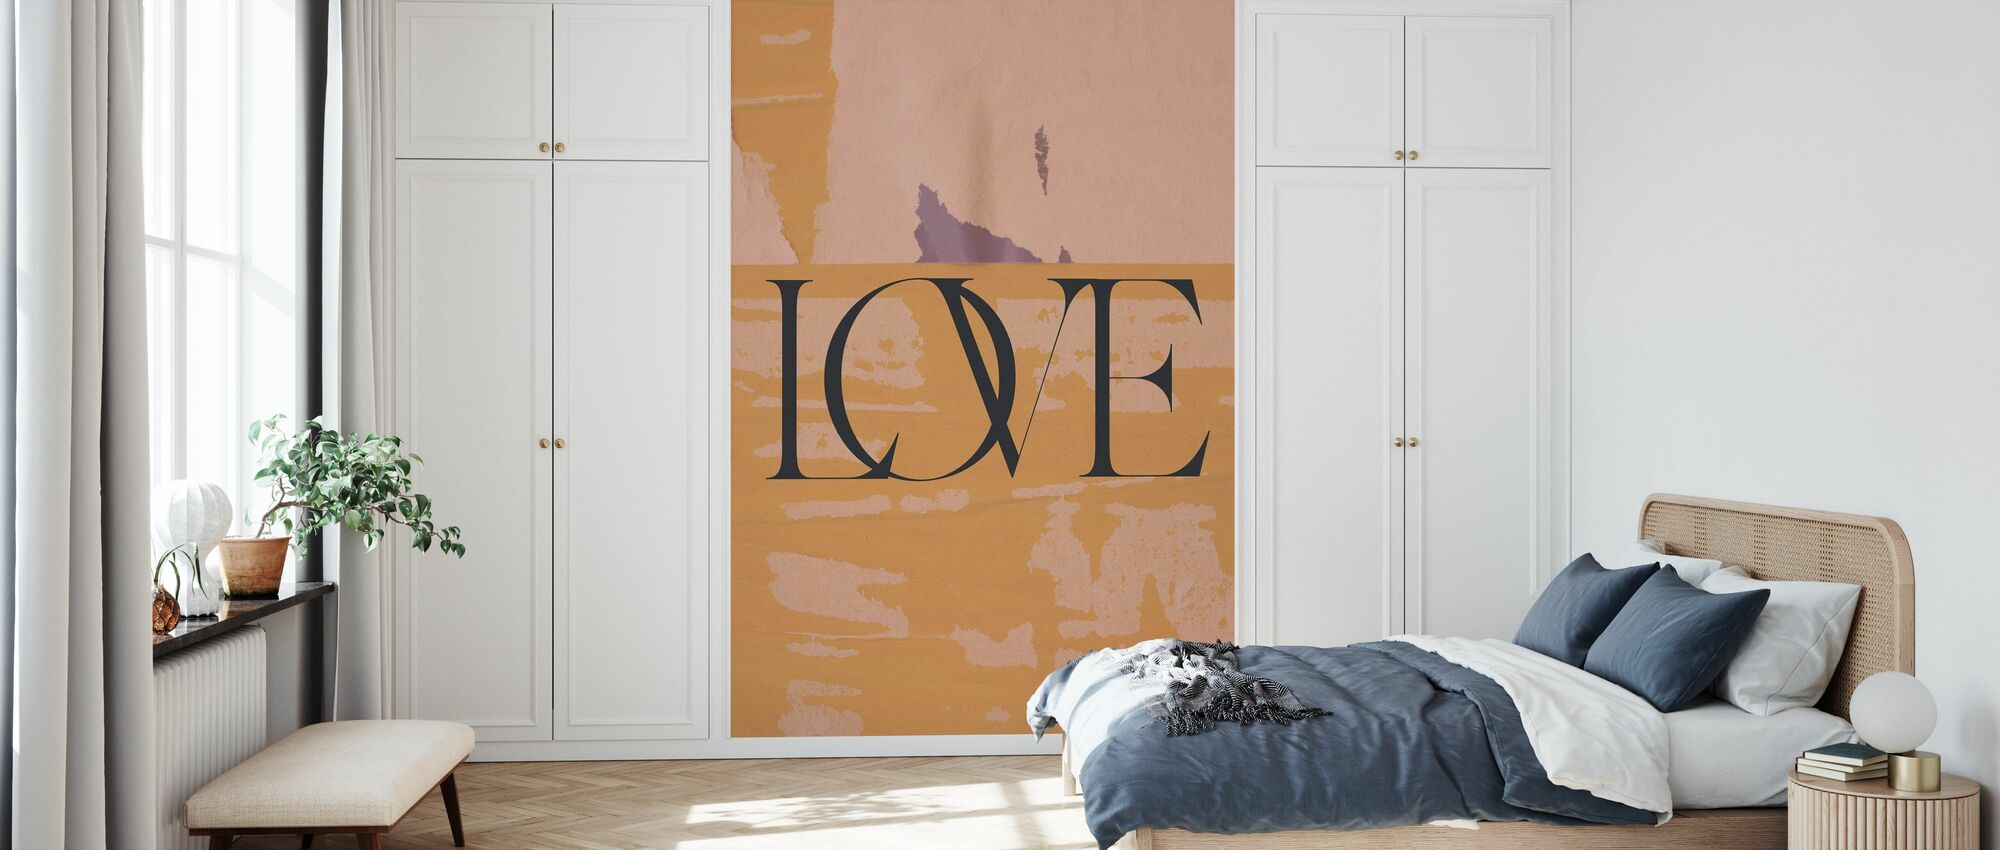 Old Love - Wallpaper - Bedroom